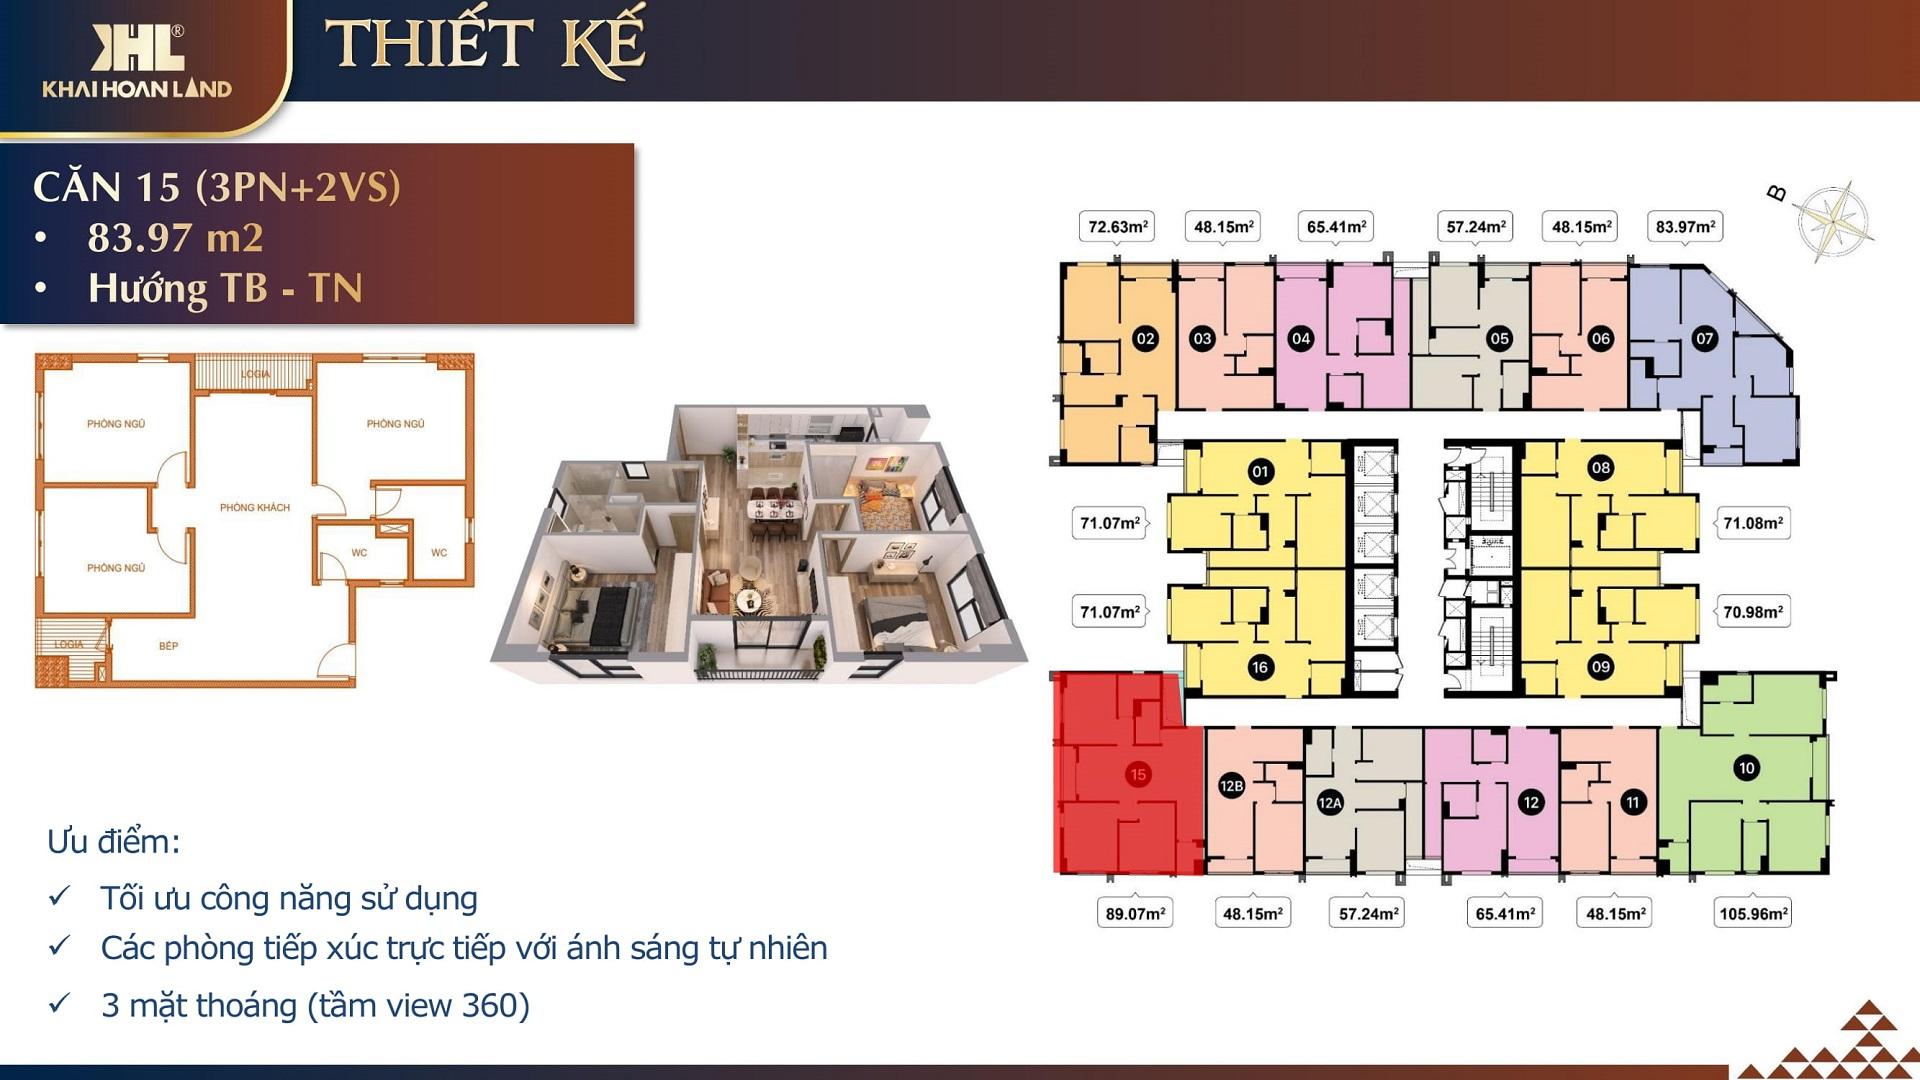 thiết kế căn hộ t&t dc complex